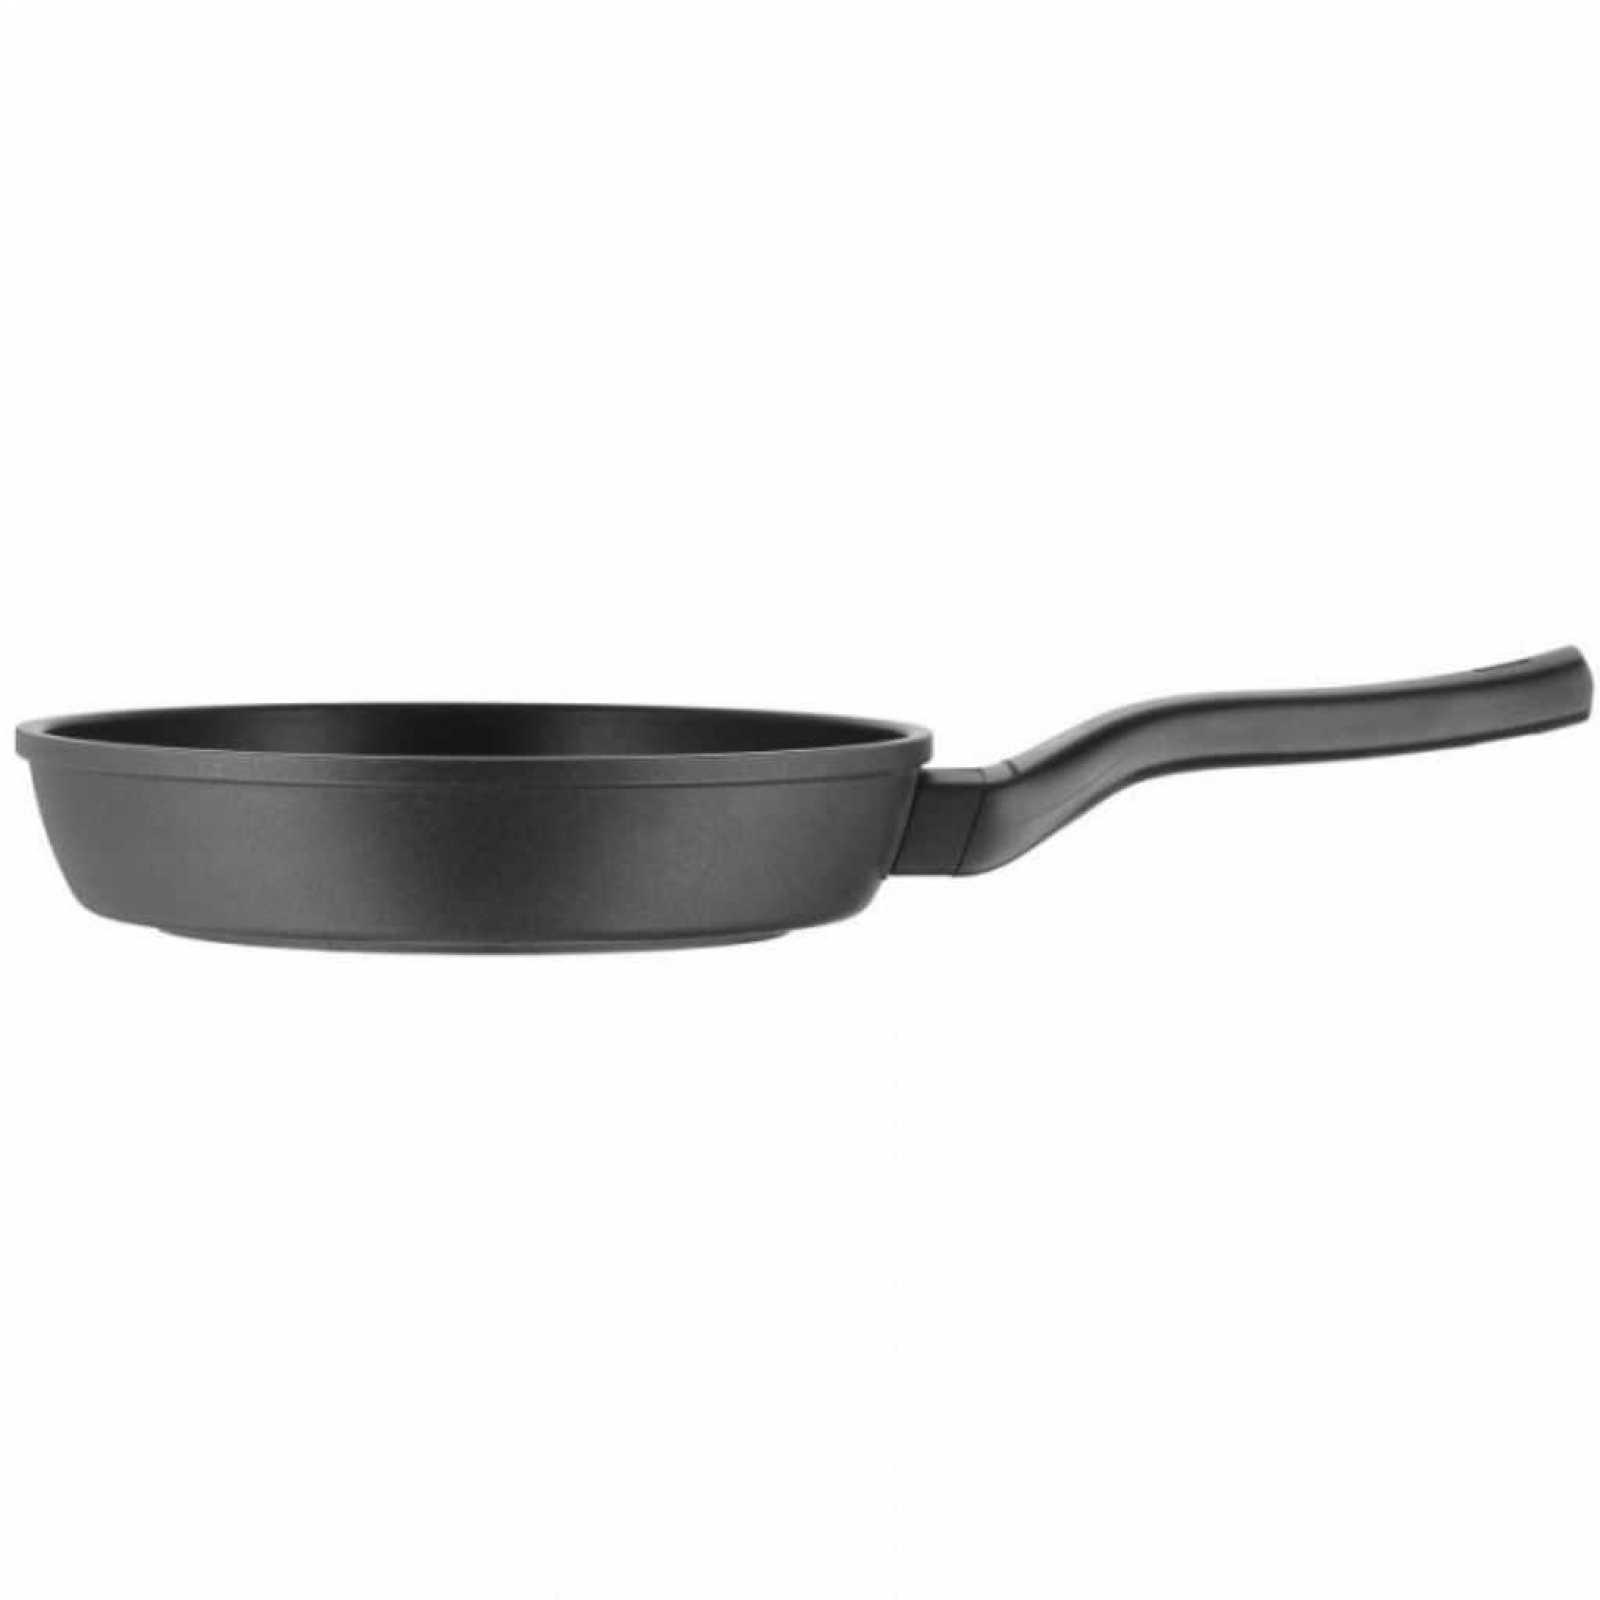 Сковорода WMF PERMADUR Premium, диаметр 24 см, черный WMF 05 7624 4291 фото 1